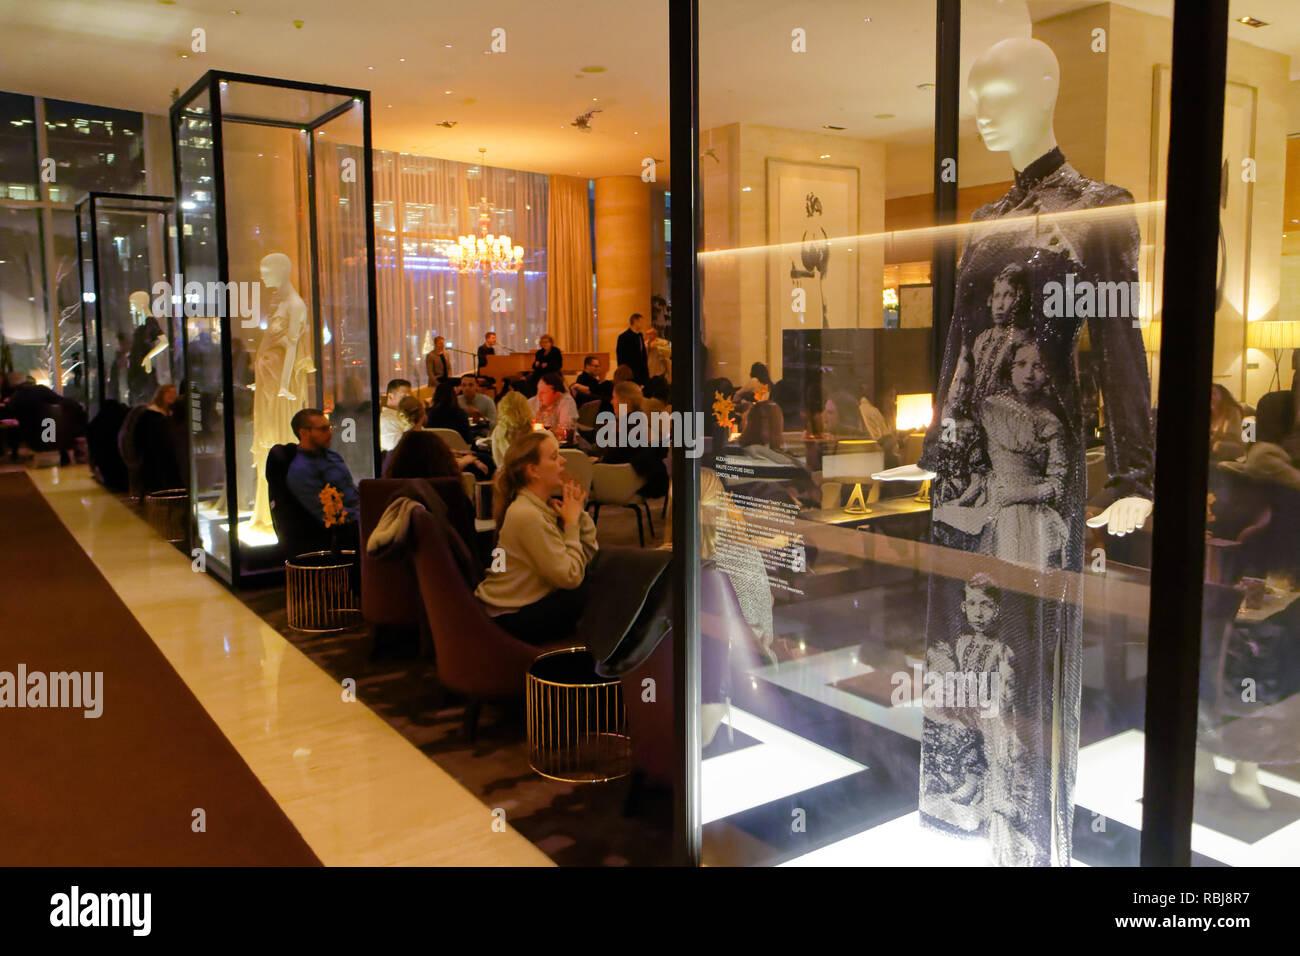 La robe haute couture par Alexander McQueen robe de créateur dans une vitrine à l'intérieur du bar de l'hôtel Shangri La hotel à Toronto, Canada Photo Stock